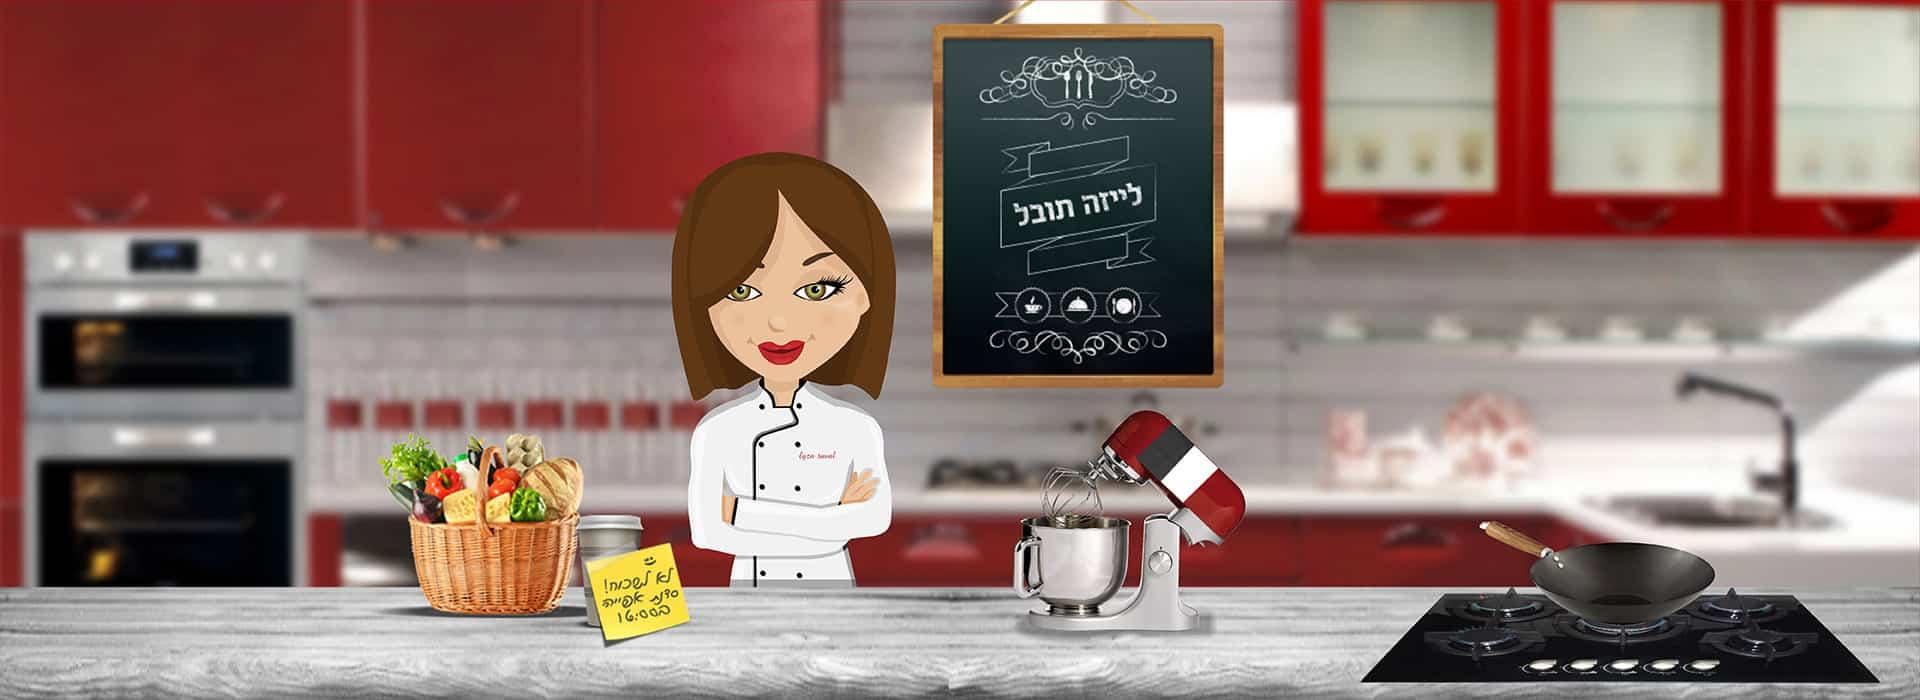 לייזה תובל- מומחית לבישול ואפייה מעבירה סדנאות אפייה ובישול